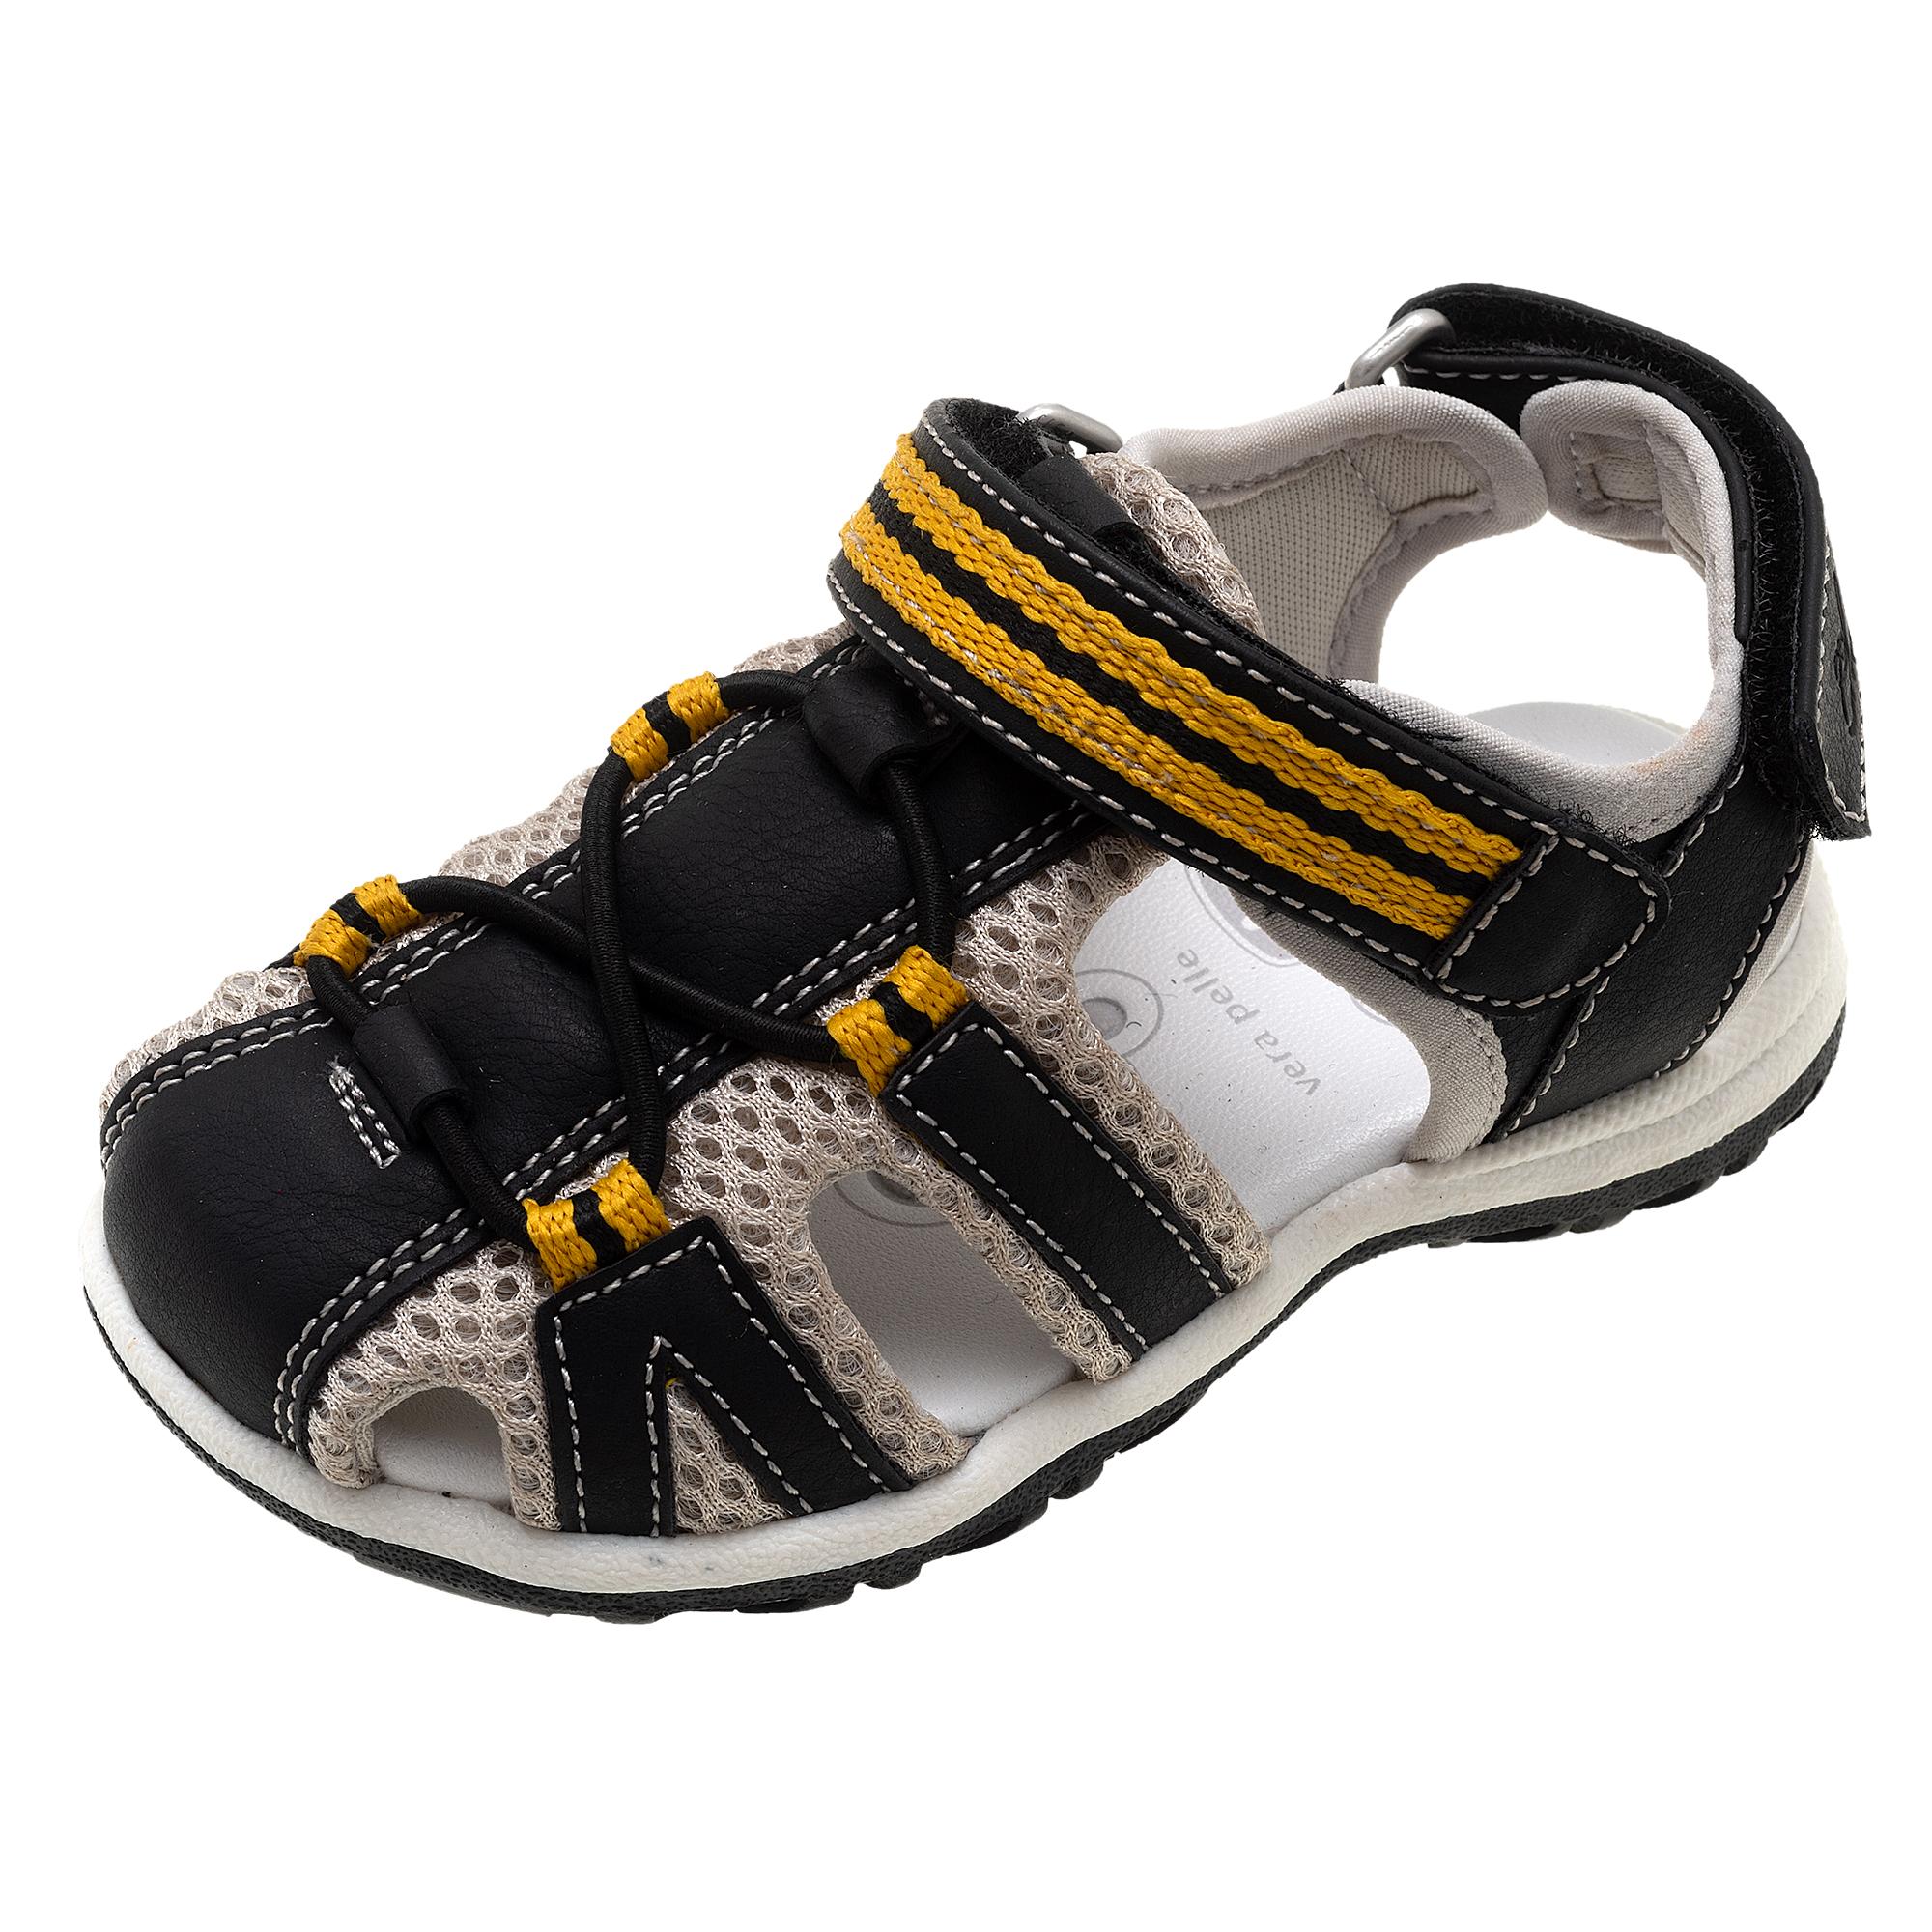 Sandale copii Chicco Callen, negru cu portocaliu, 61607